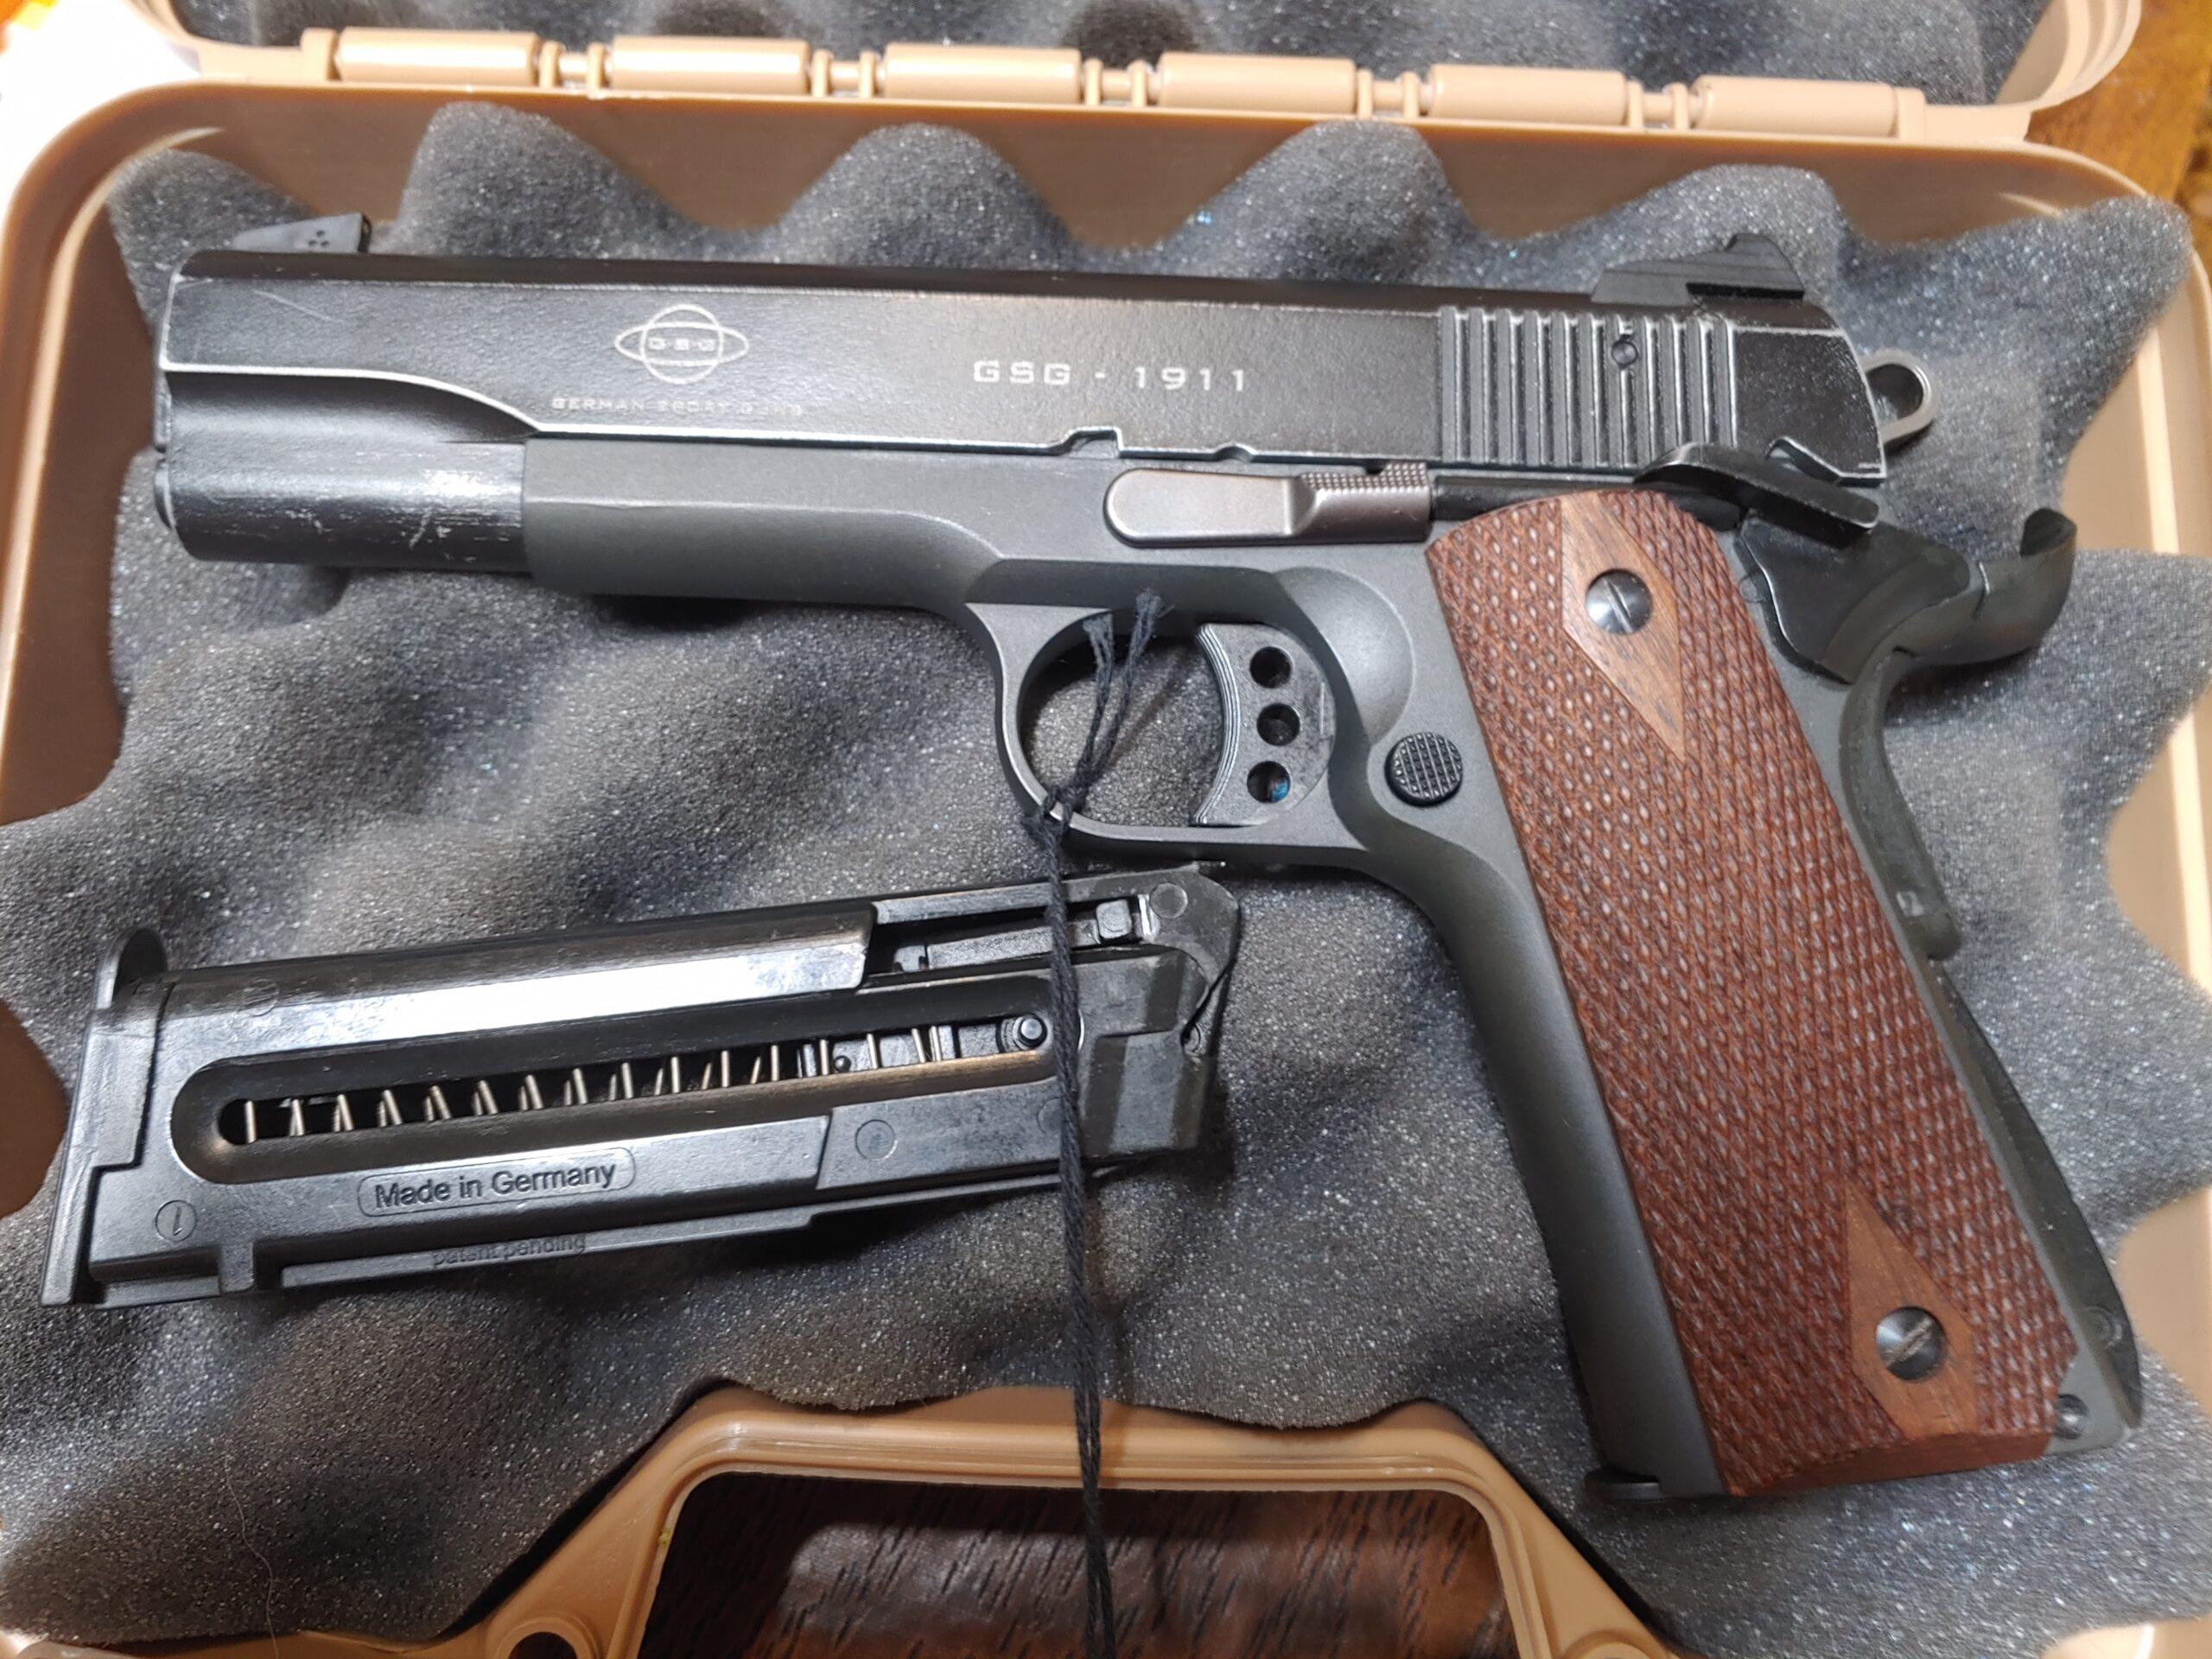 GSG 1911 22LR